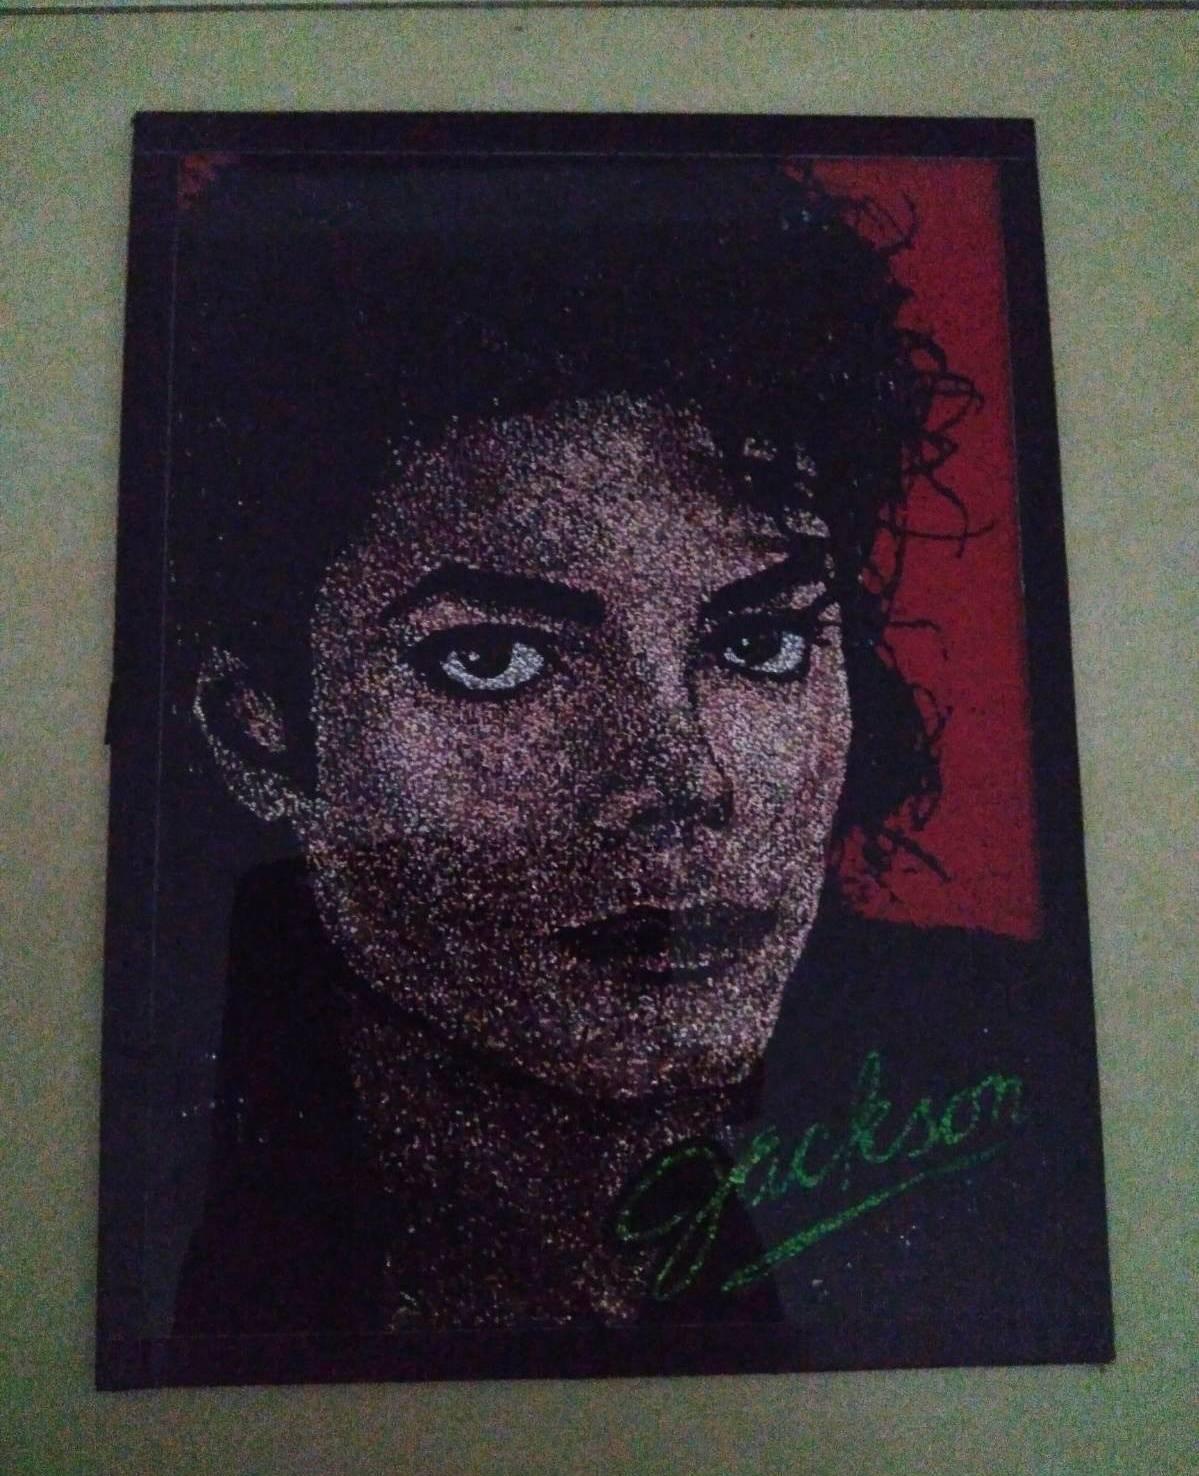 Cuadro de cristal retrato Michael Jackson con fondo rojo